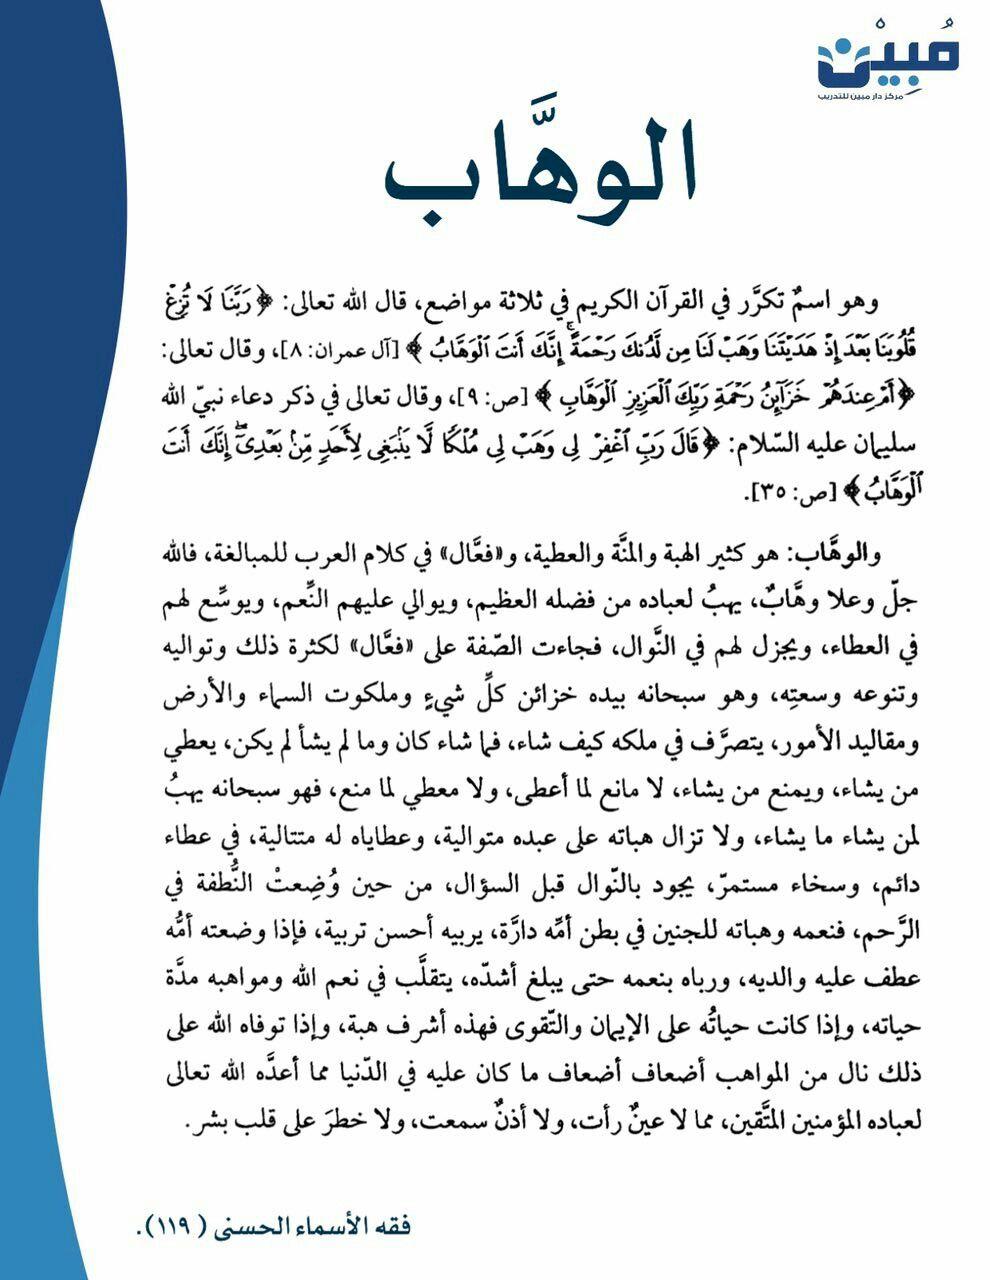 معنى اسم الوه اب جل جلاله فقه الأسماء الحسنى ١١٩ Islam Board Exam Qoutes